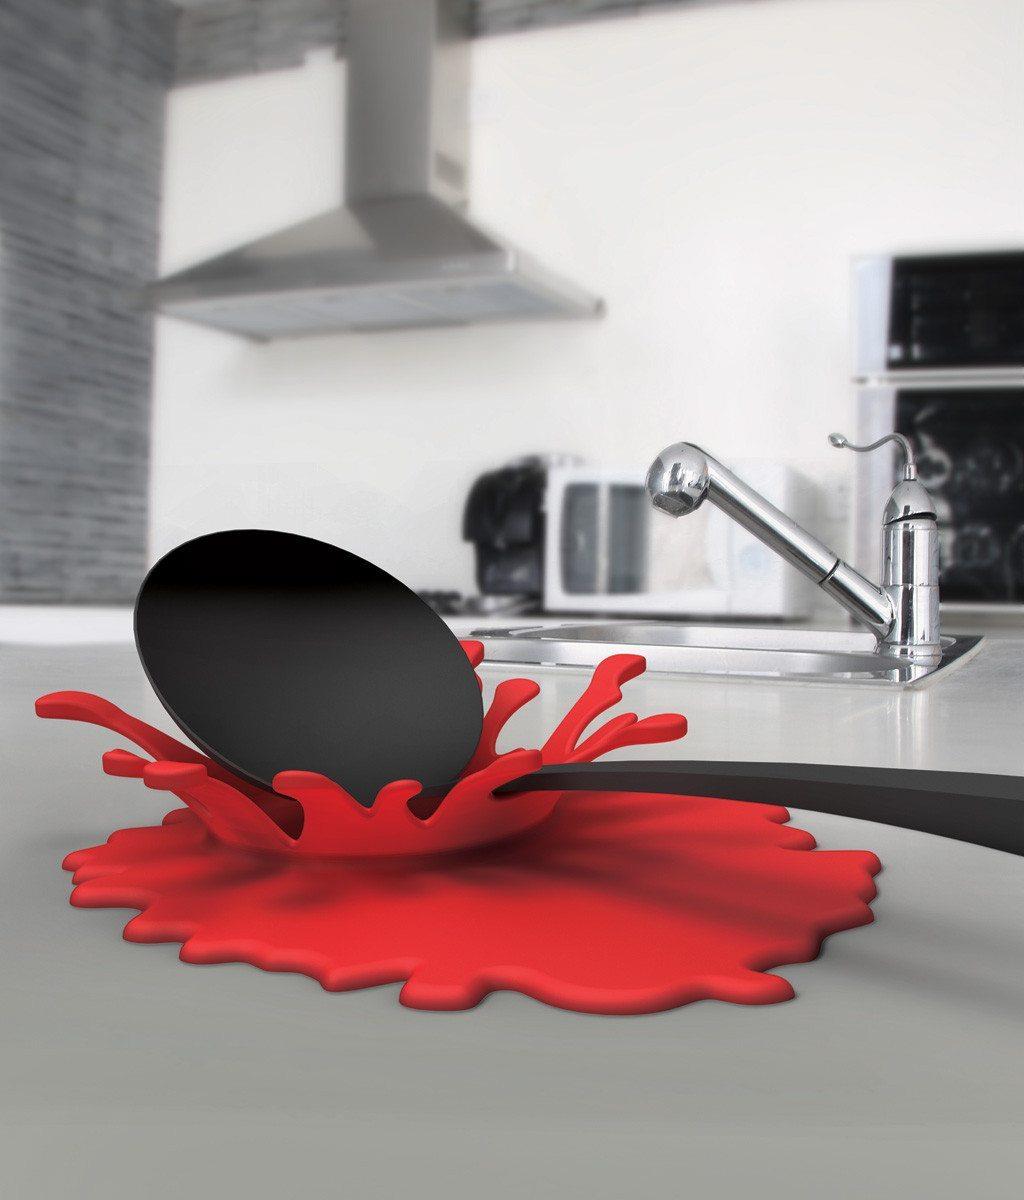 Splash - die spritzigen Küchenhelfer